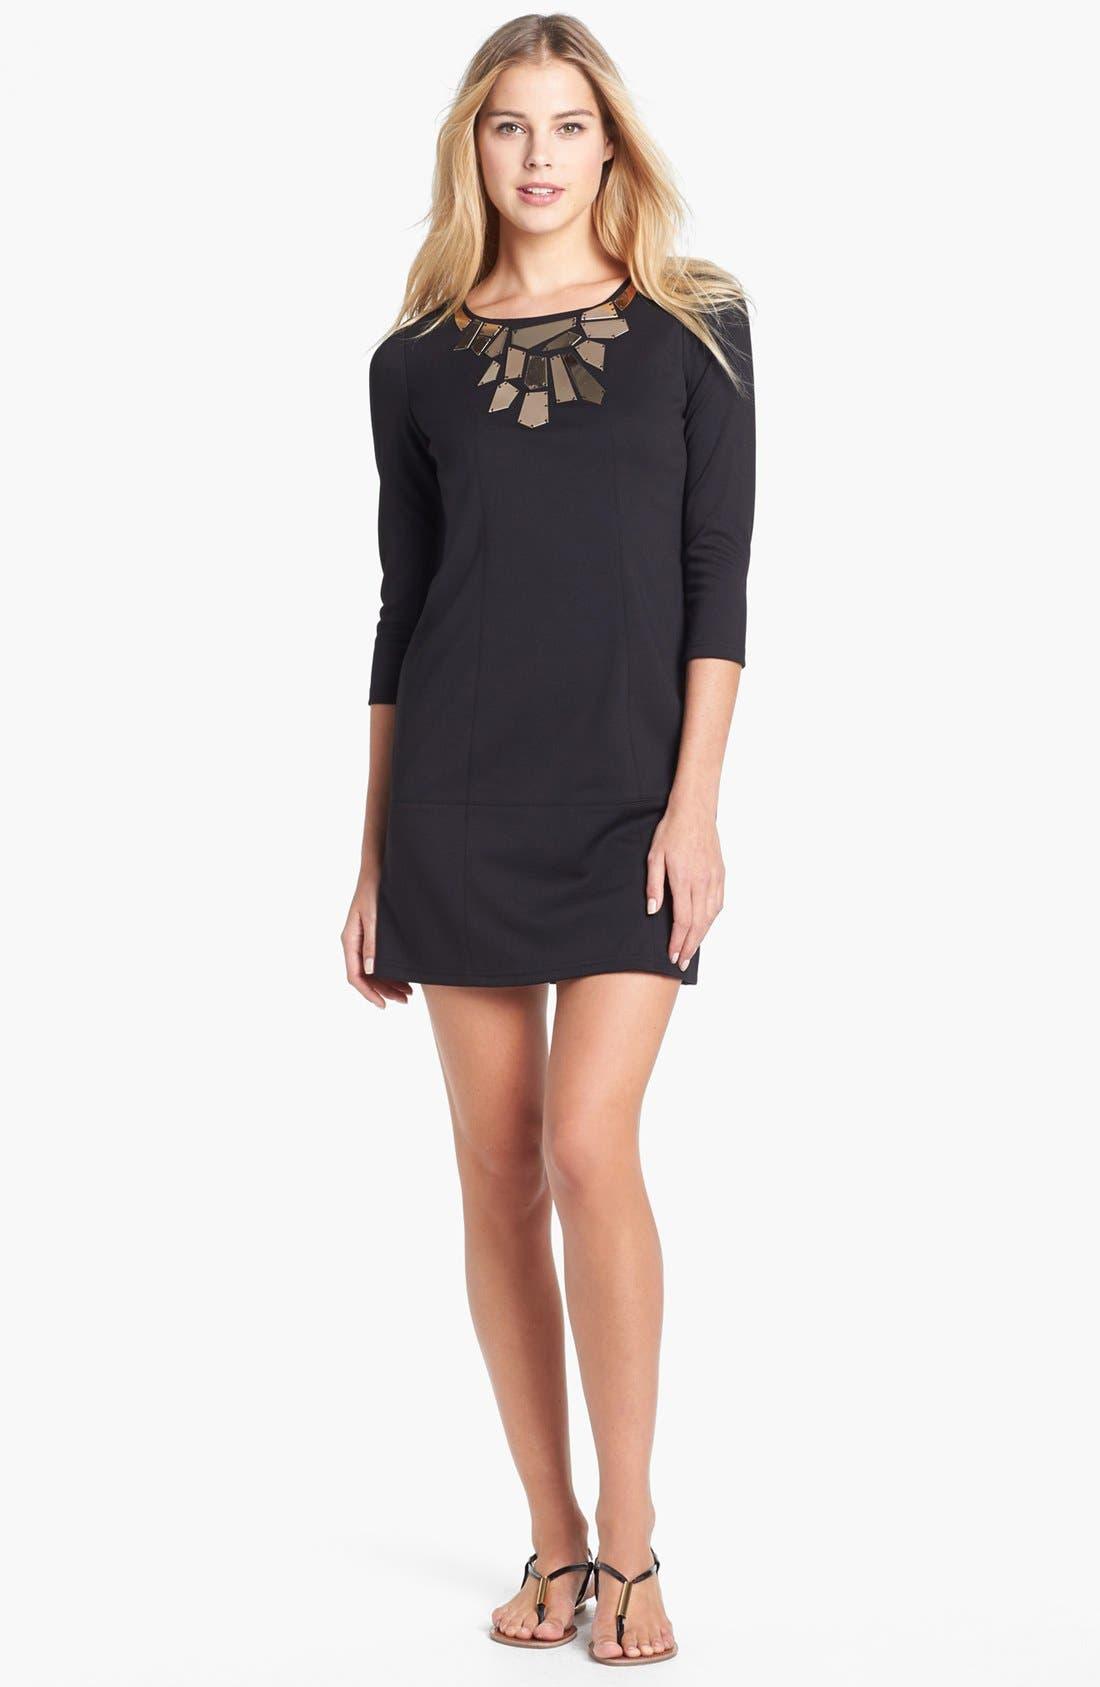 Alternate Image 1 Selected - Vince Camuto Embellished Neck Ponte Knit Dress